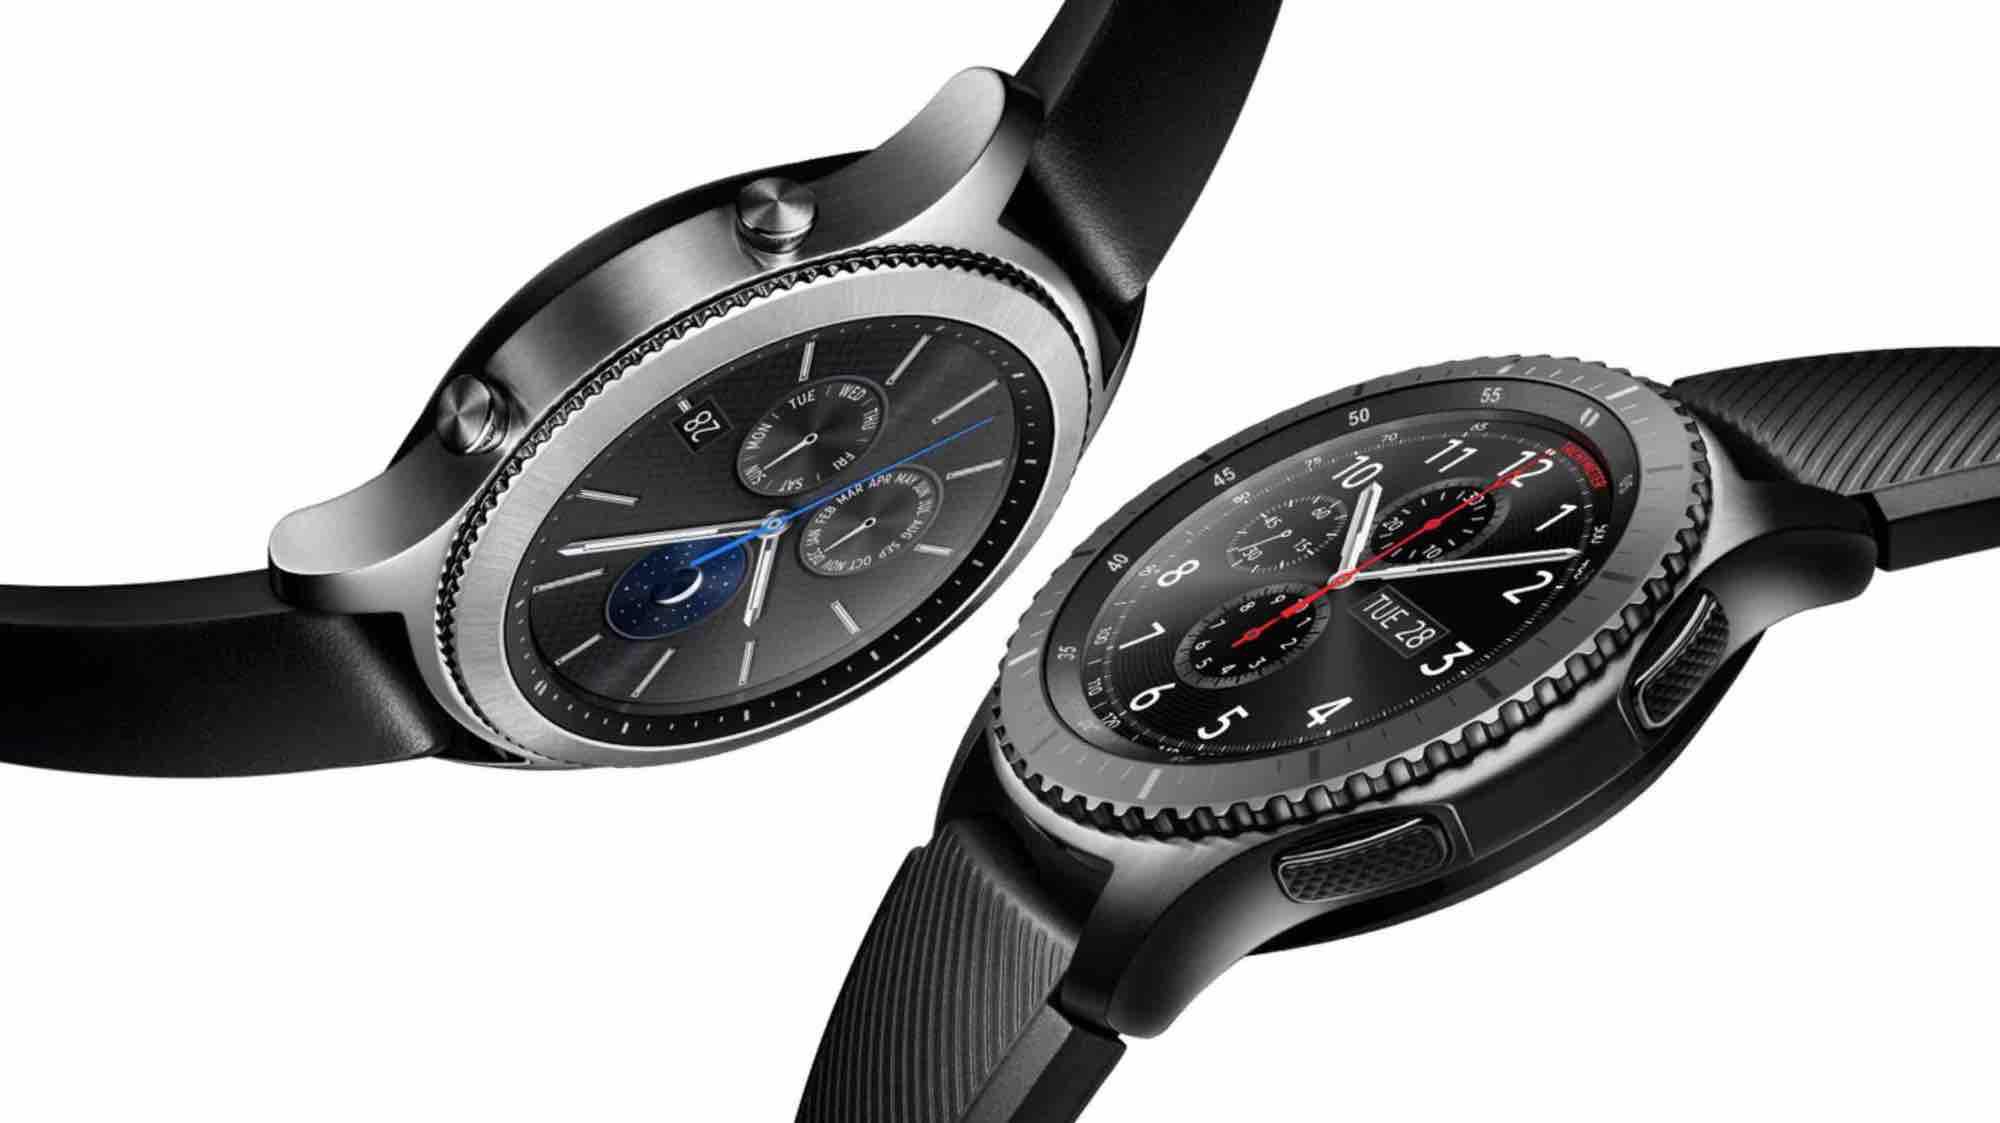 Розумні годинники. Які вони бувають  - Pingvin.Pro a08d9fa40b0c6